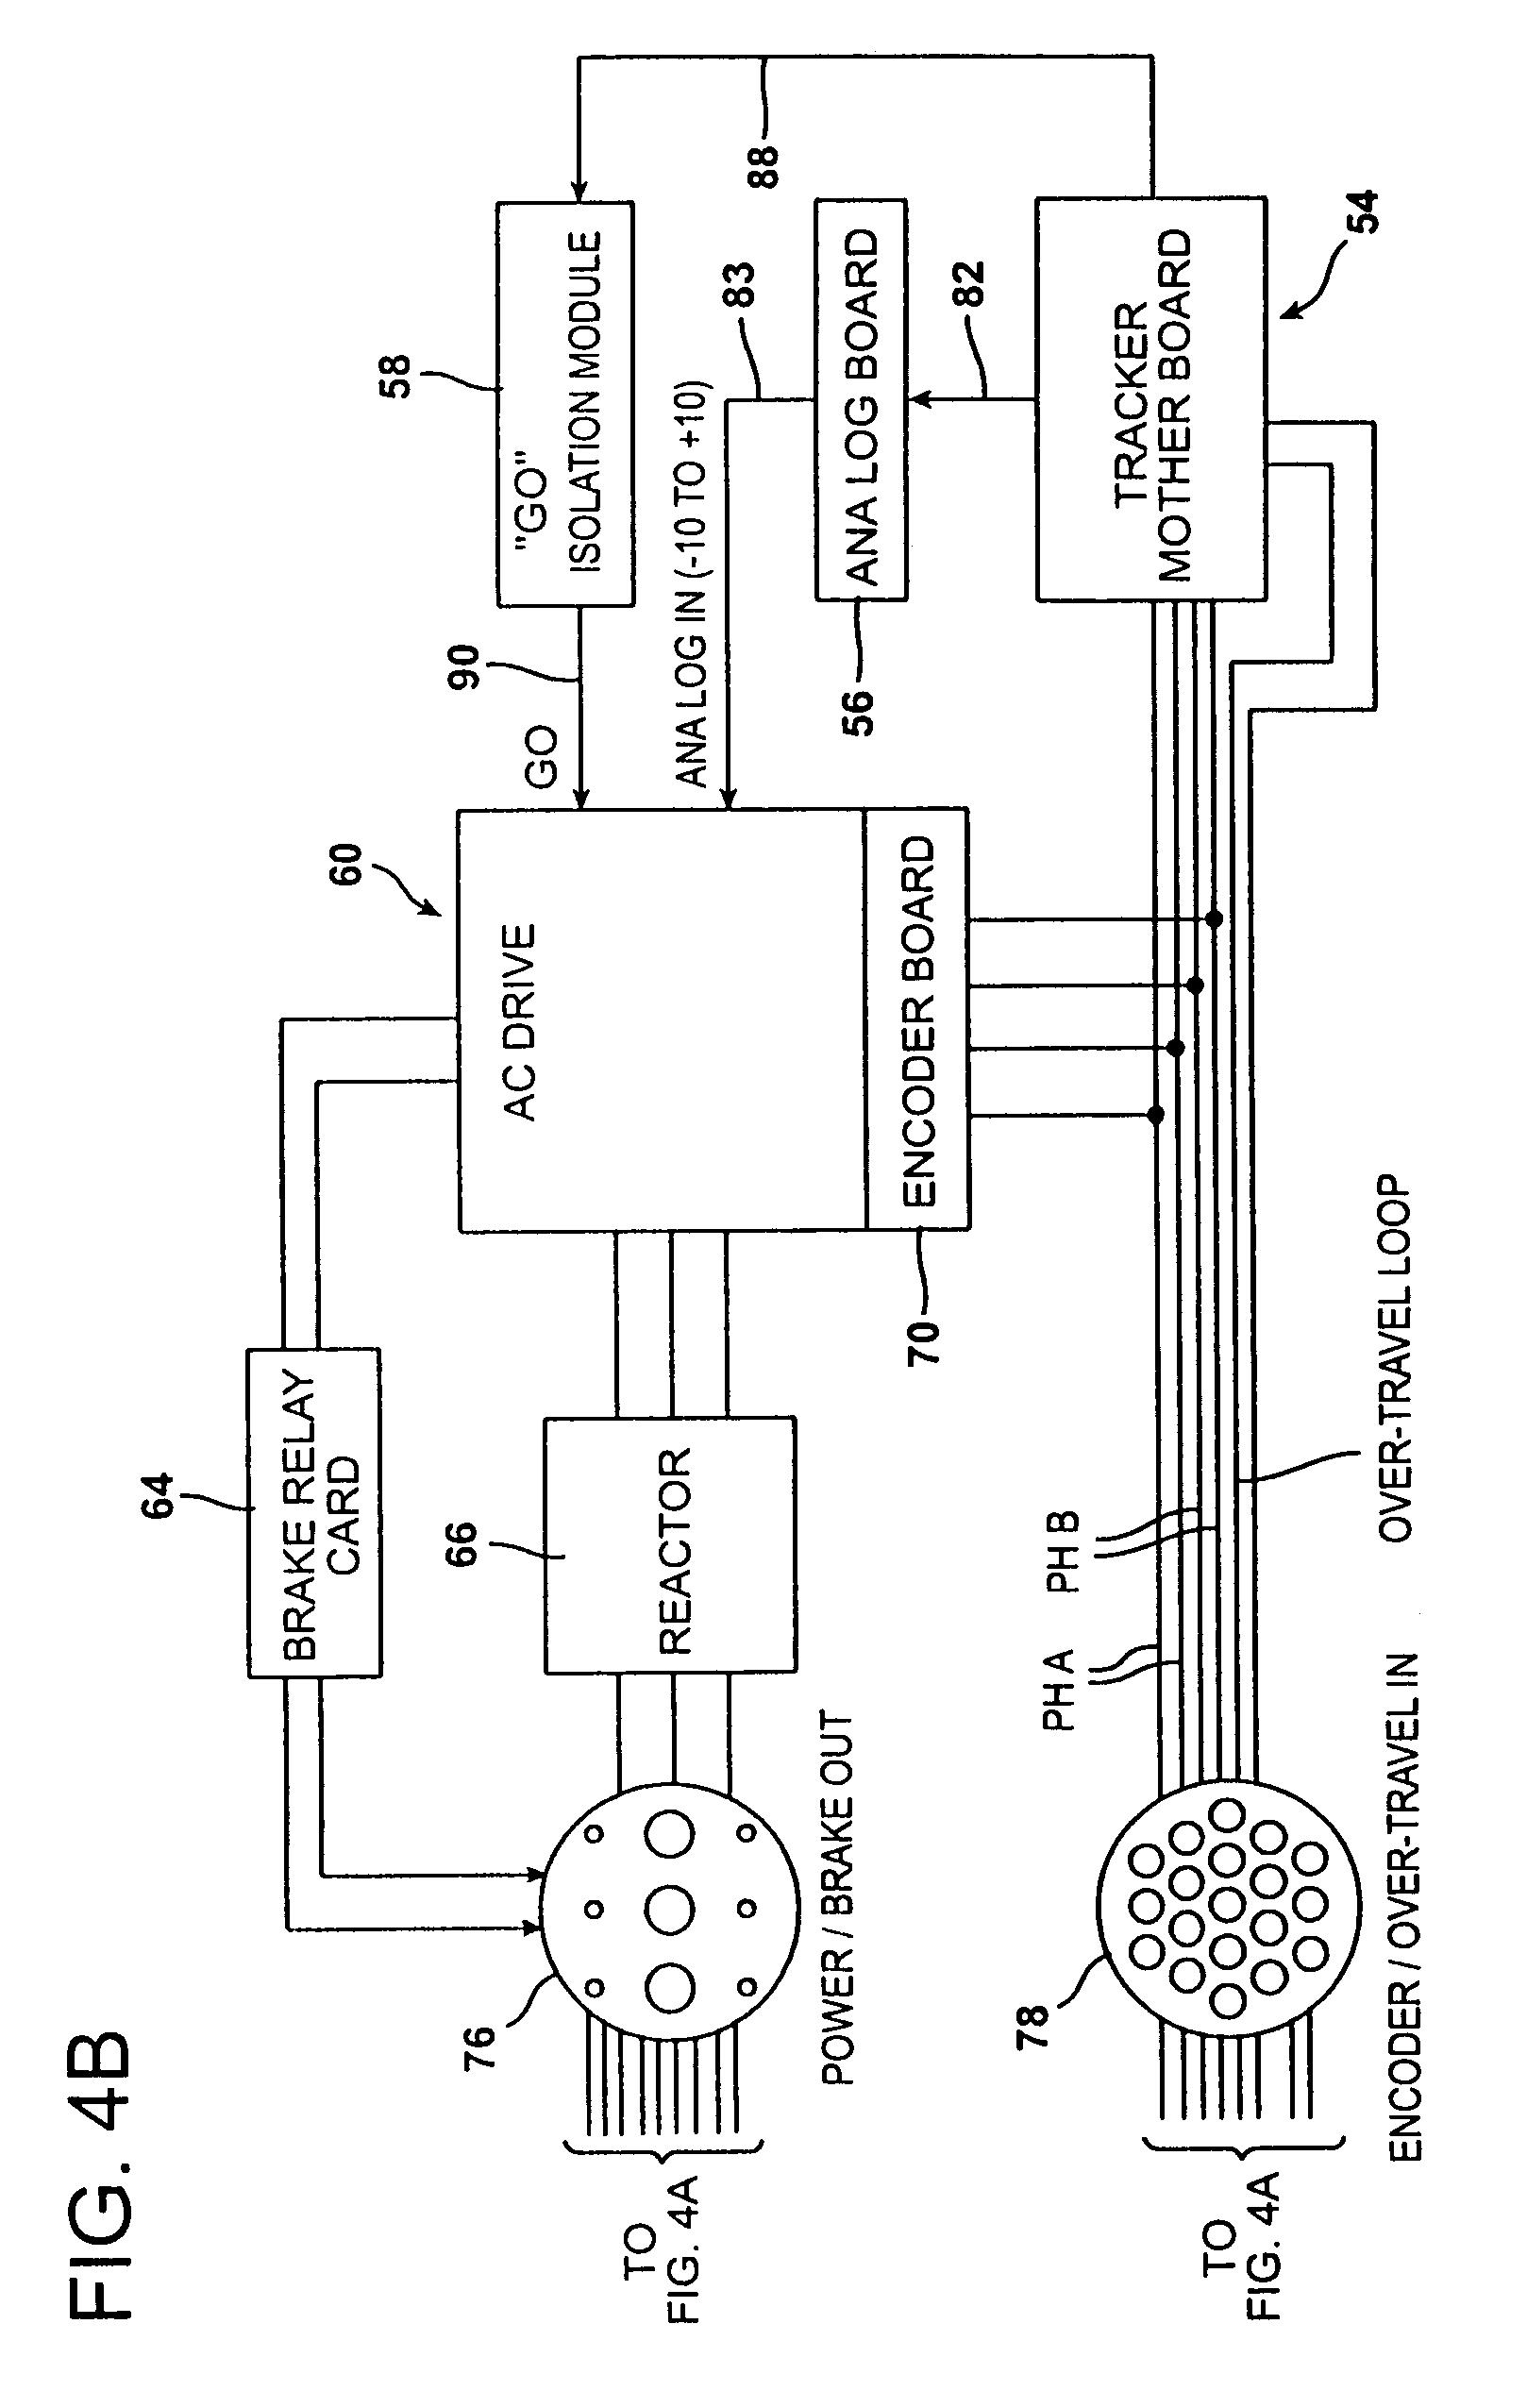 f12 magneto wiring schematic wiring diagram rh wiring3 ennosbobbelparty1 de